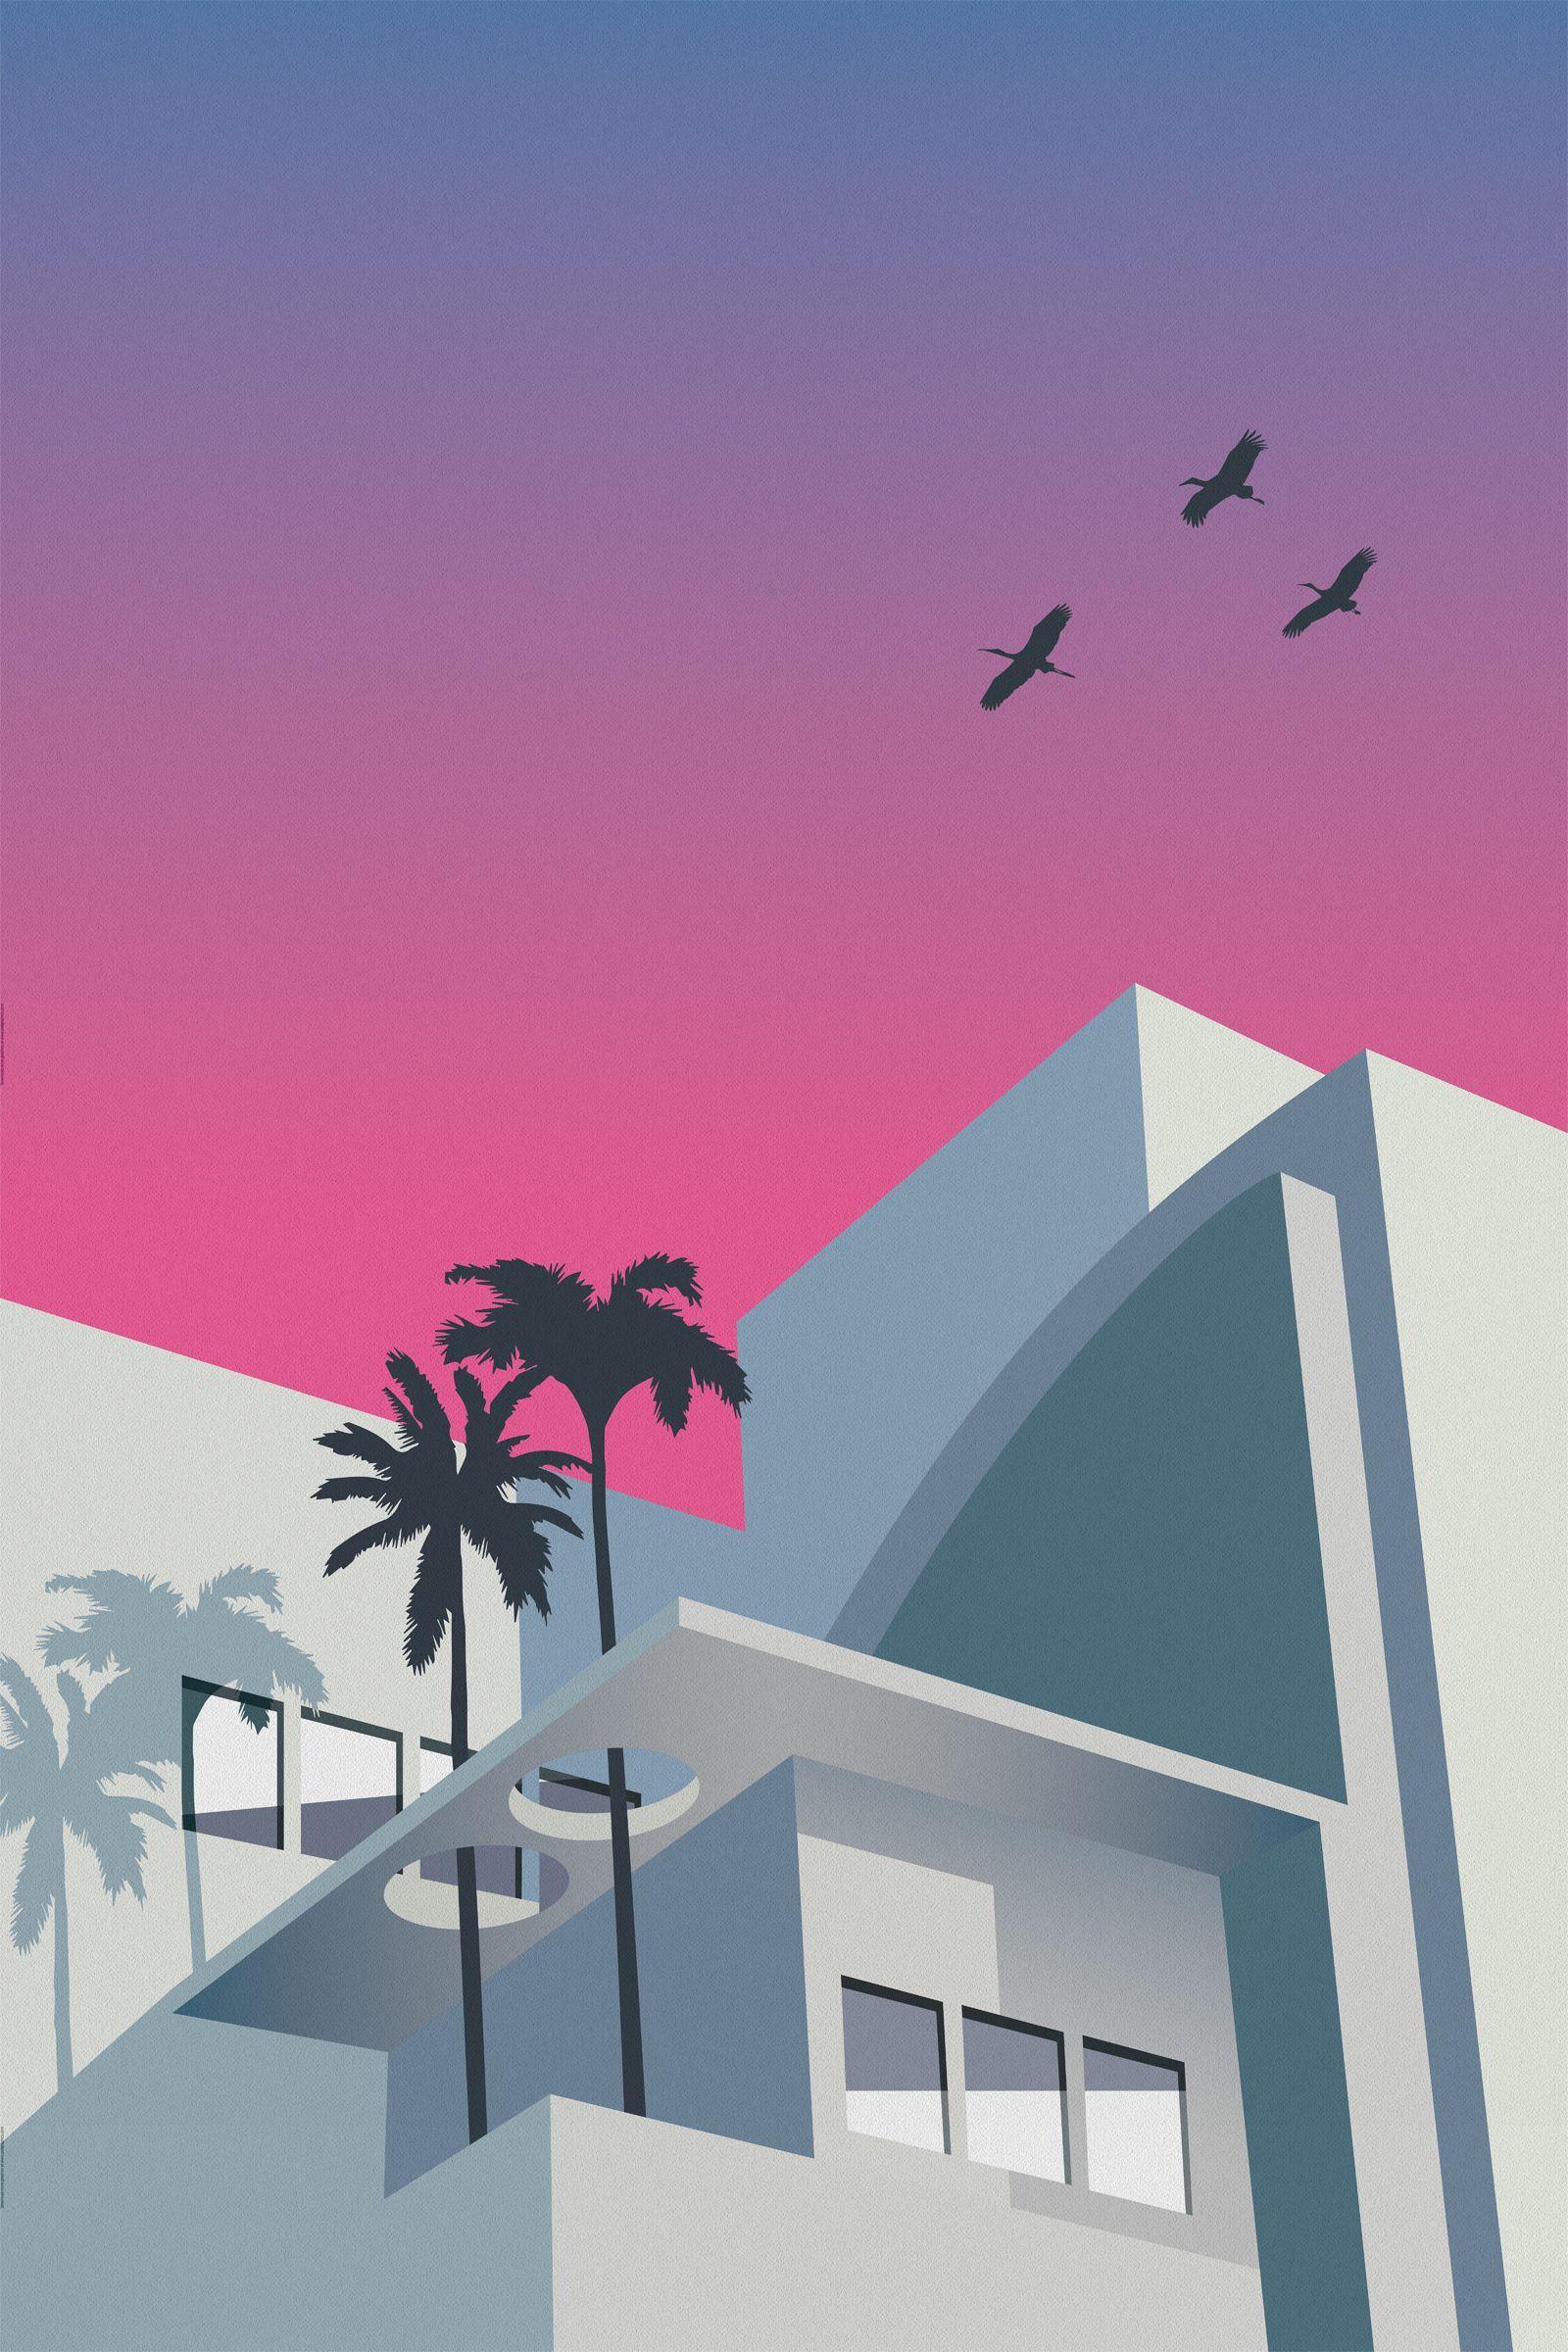 Miami Art Deco Architecture Miami Beach Is Famous For It S Architecture The Beautiful Art Deco Style Has Made Miami Art Deco Art Deco Posters Art Deco Poster